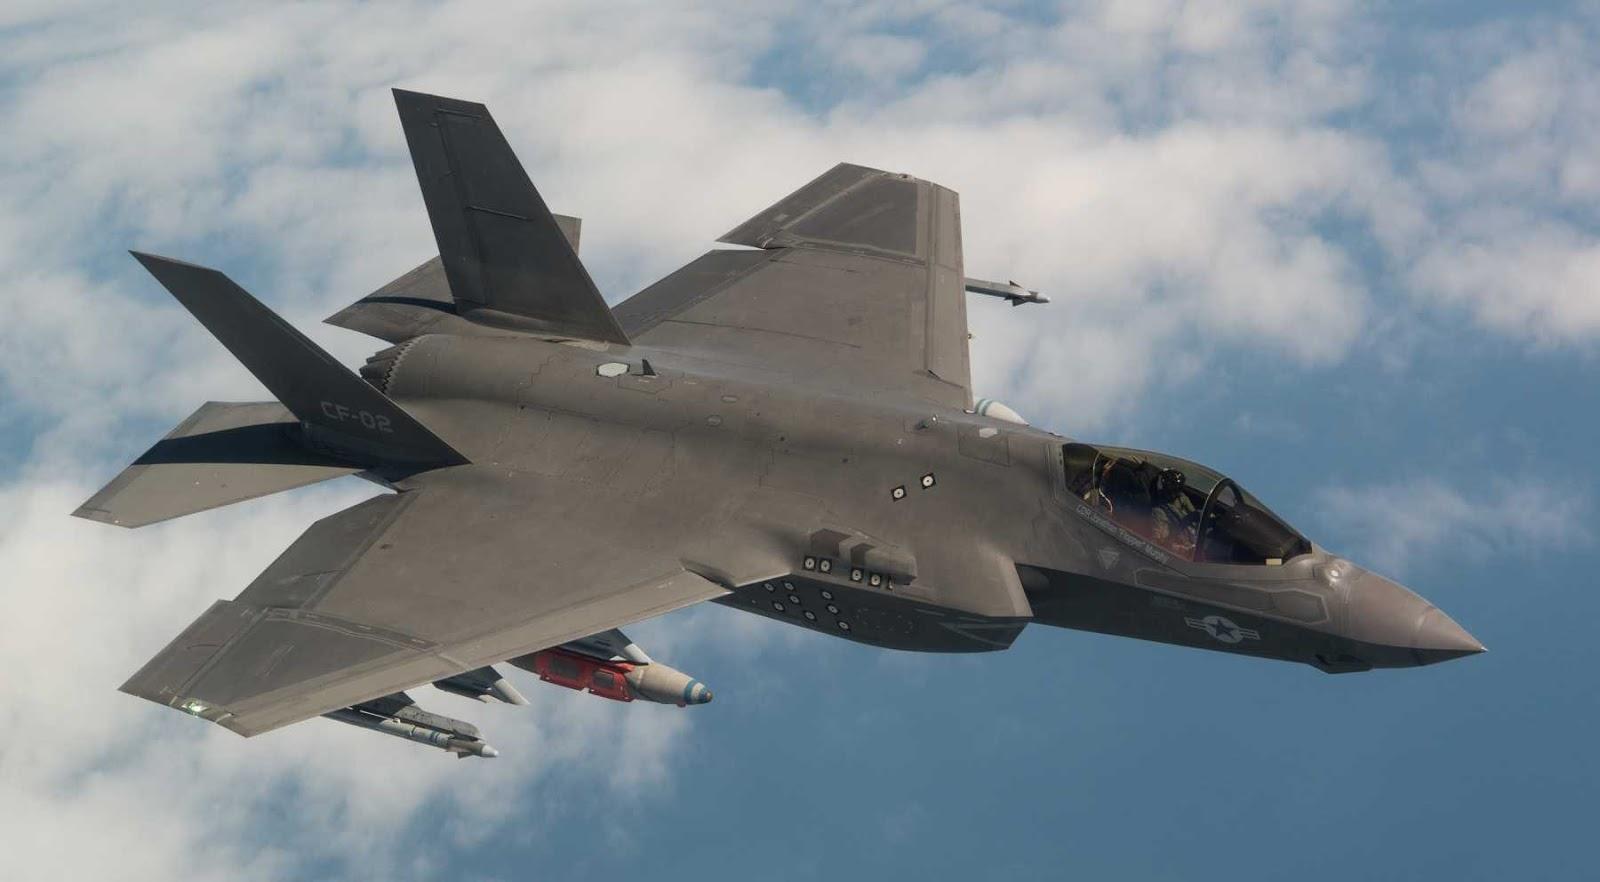 Pentagon telah memesan 255 unit pesawat tempur F-35 sebesar $ 22,7 miliar